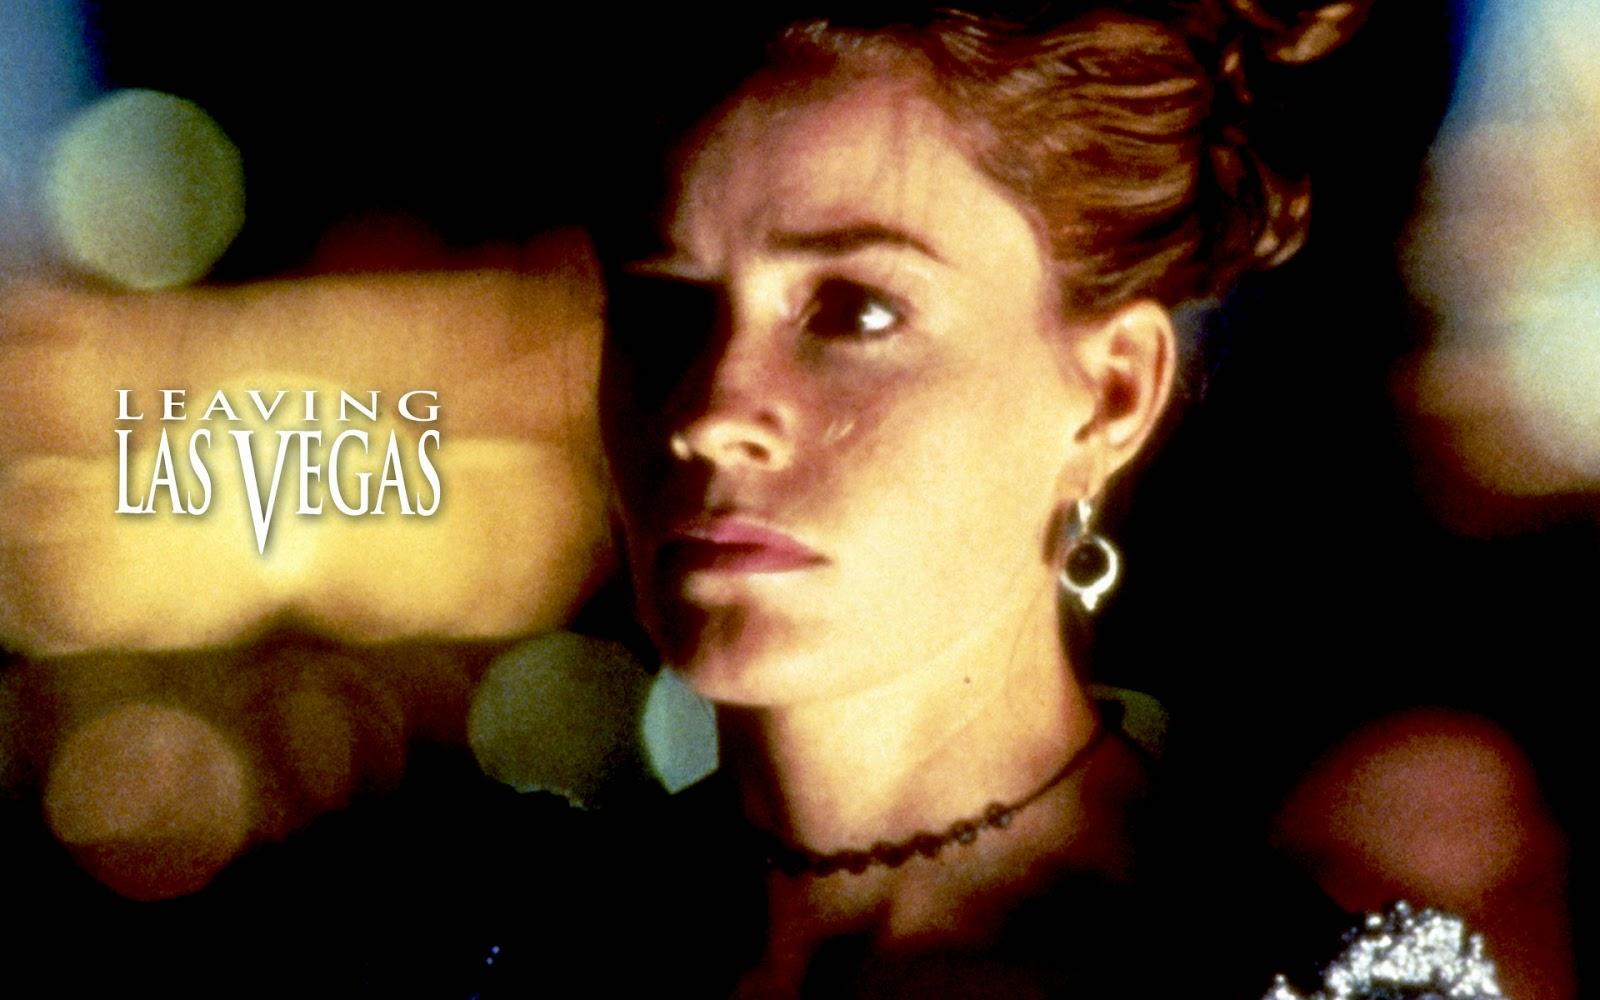 Watch Leaving Las Vegas (1995) Full Movie Free Online on ...